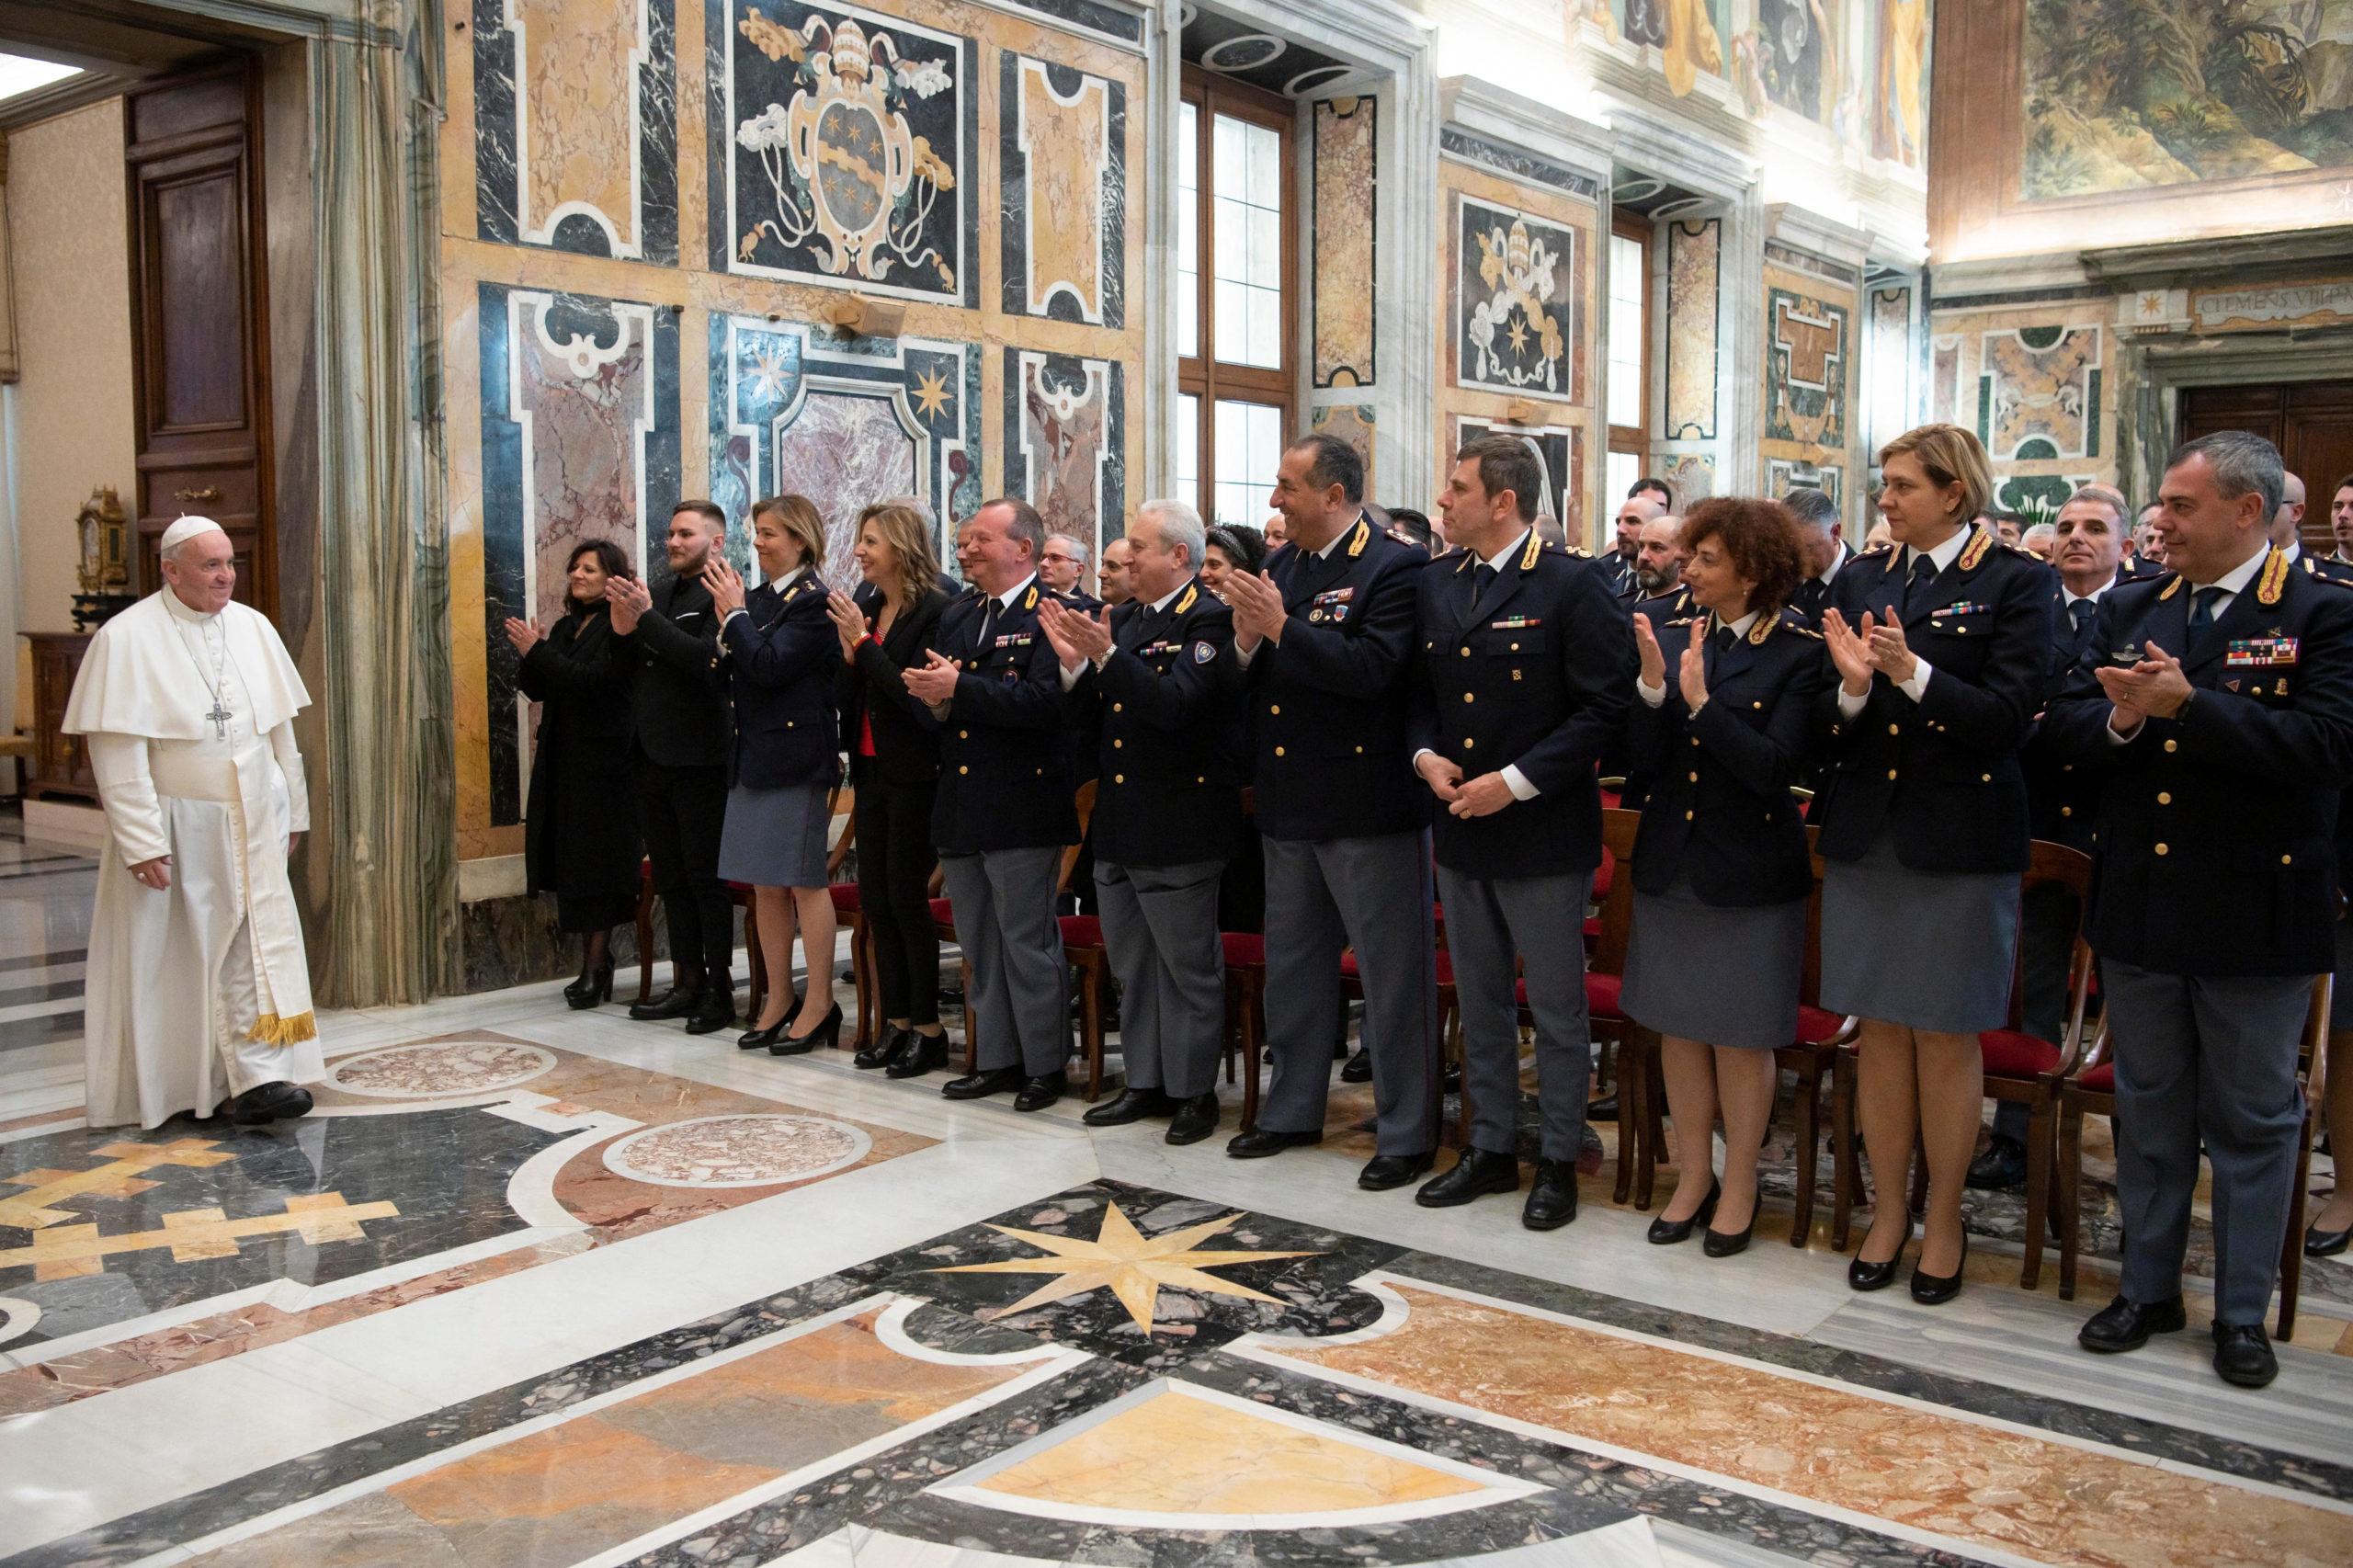 Inspectorat de sécurité publique du Vatican © Vatican Media